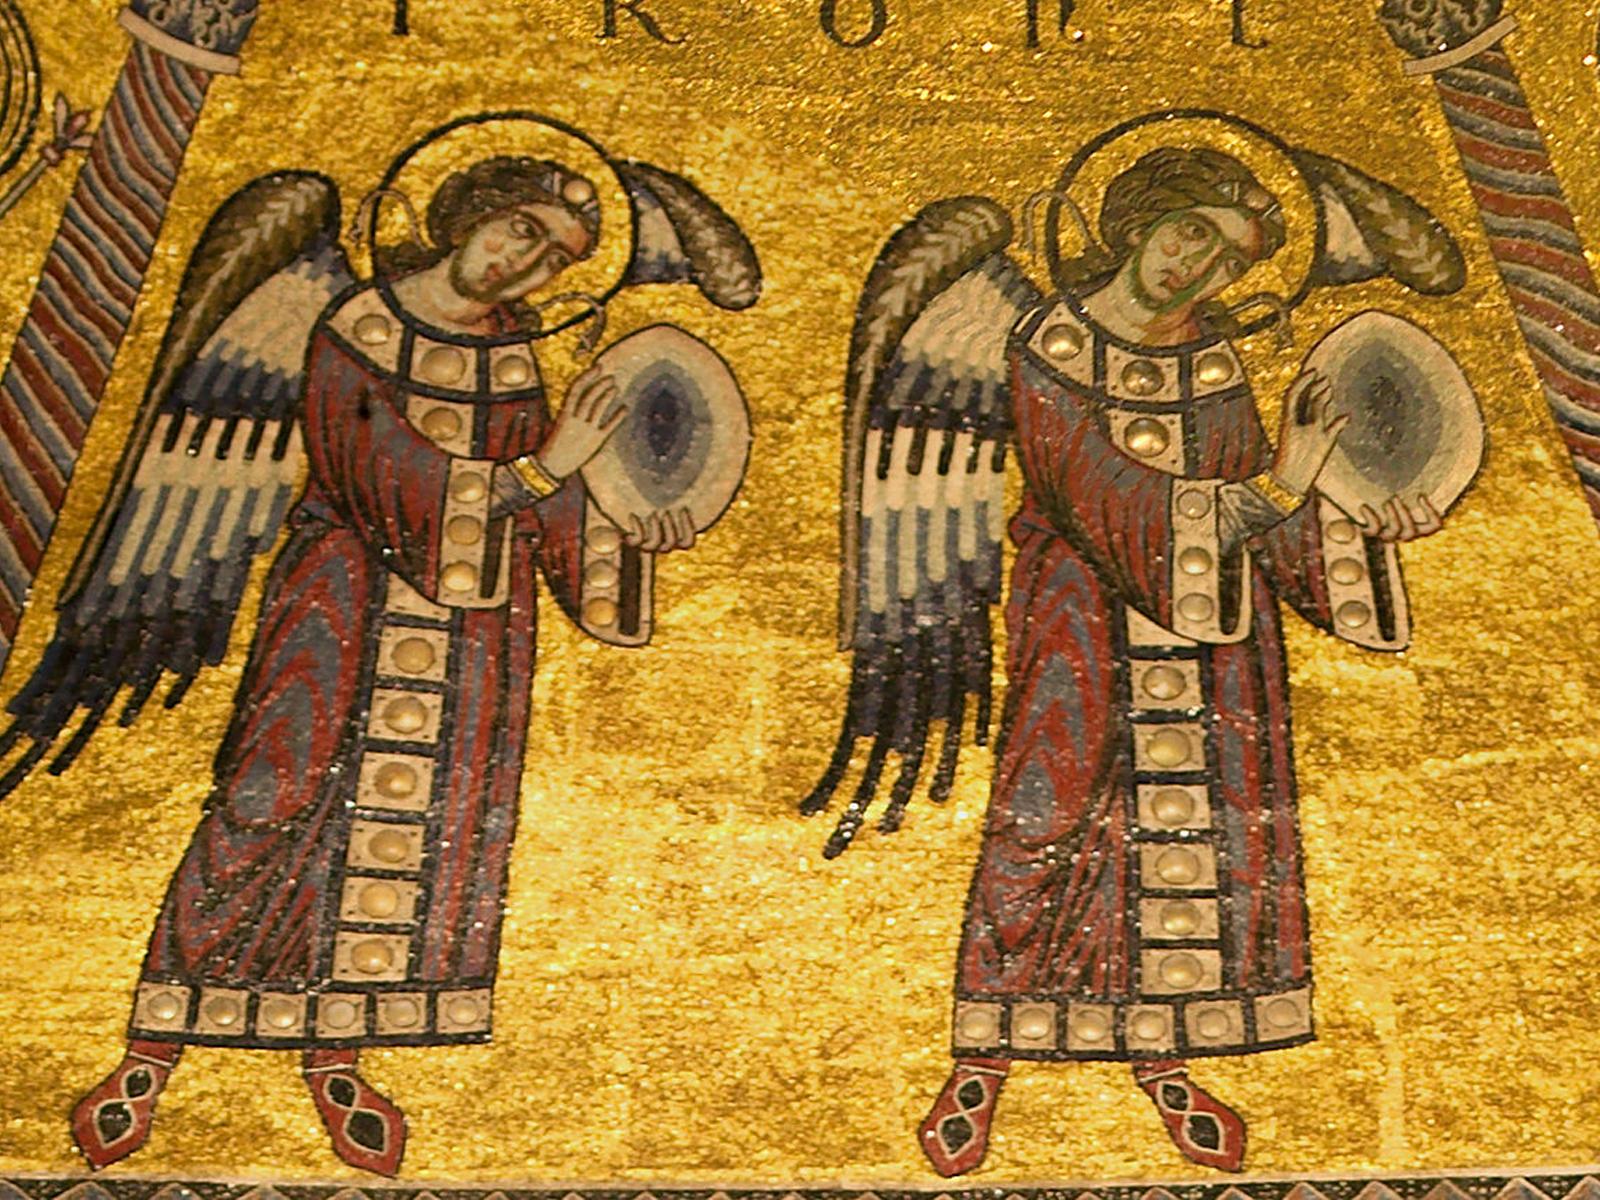 O coro dos anjos tronos: adoradores habitados por Deus